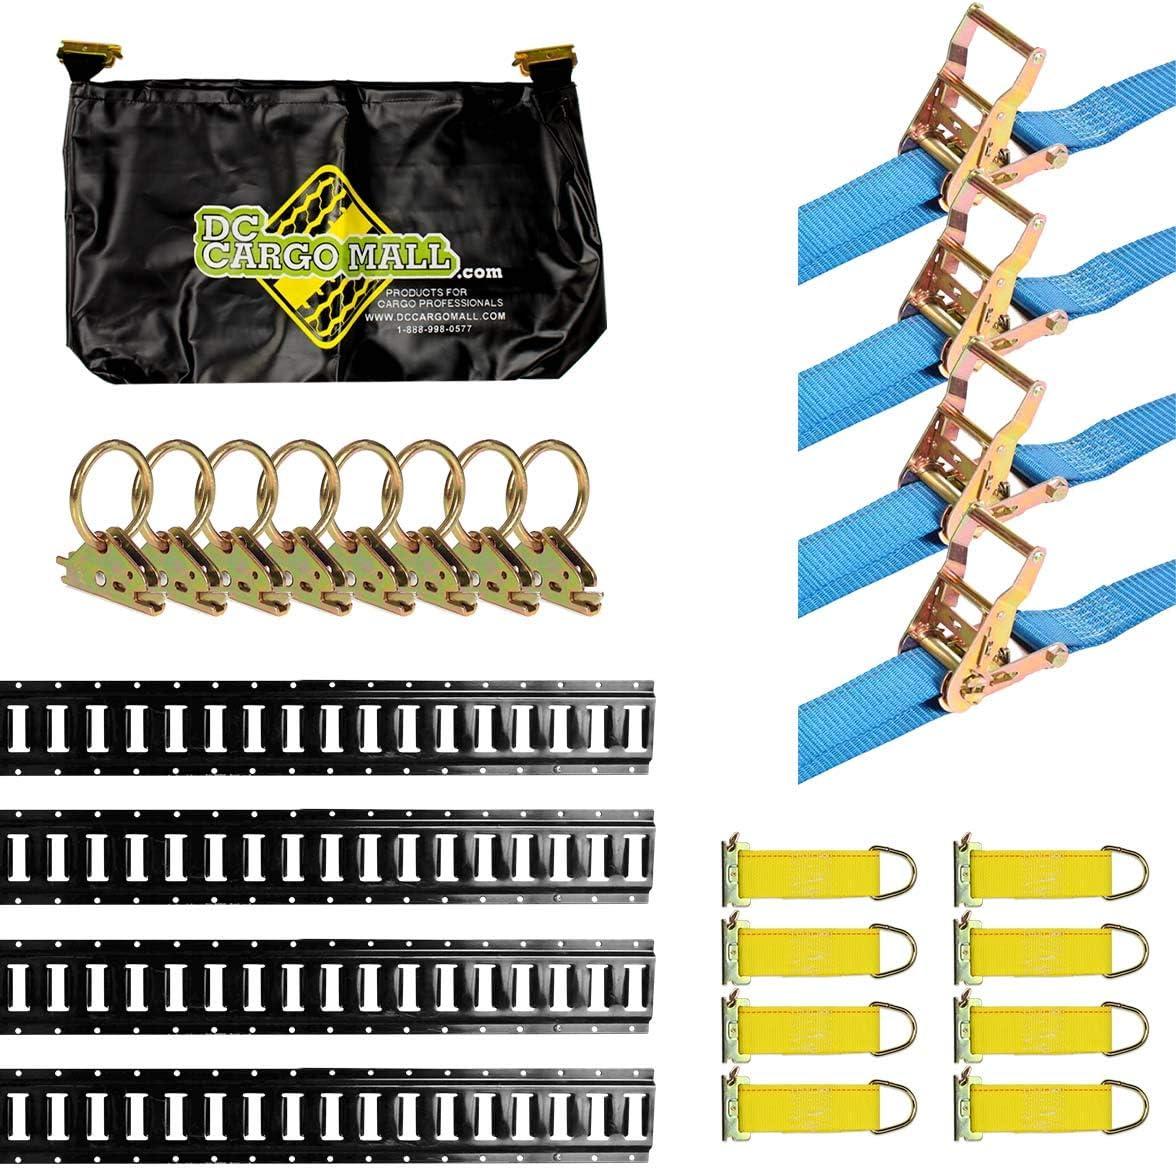 E-Track Basket E-Track Tie-Down Accessories 25 Pieces: 5 ft Black Rails DC Cargo Mall E Track Tie-Down Kit